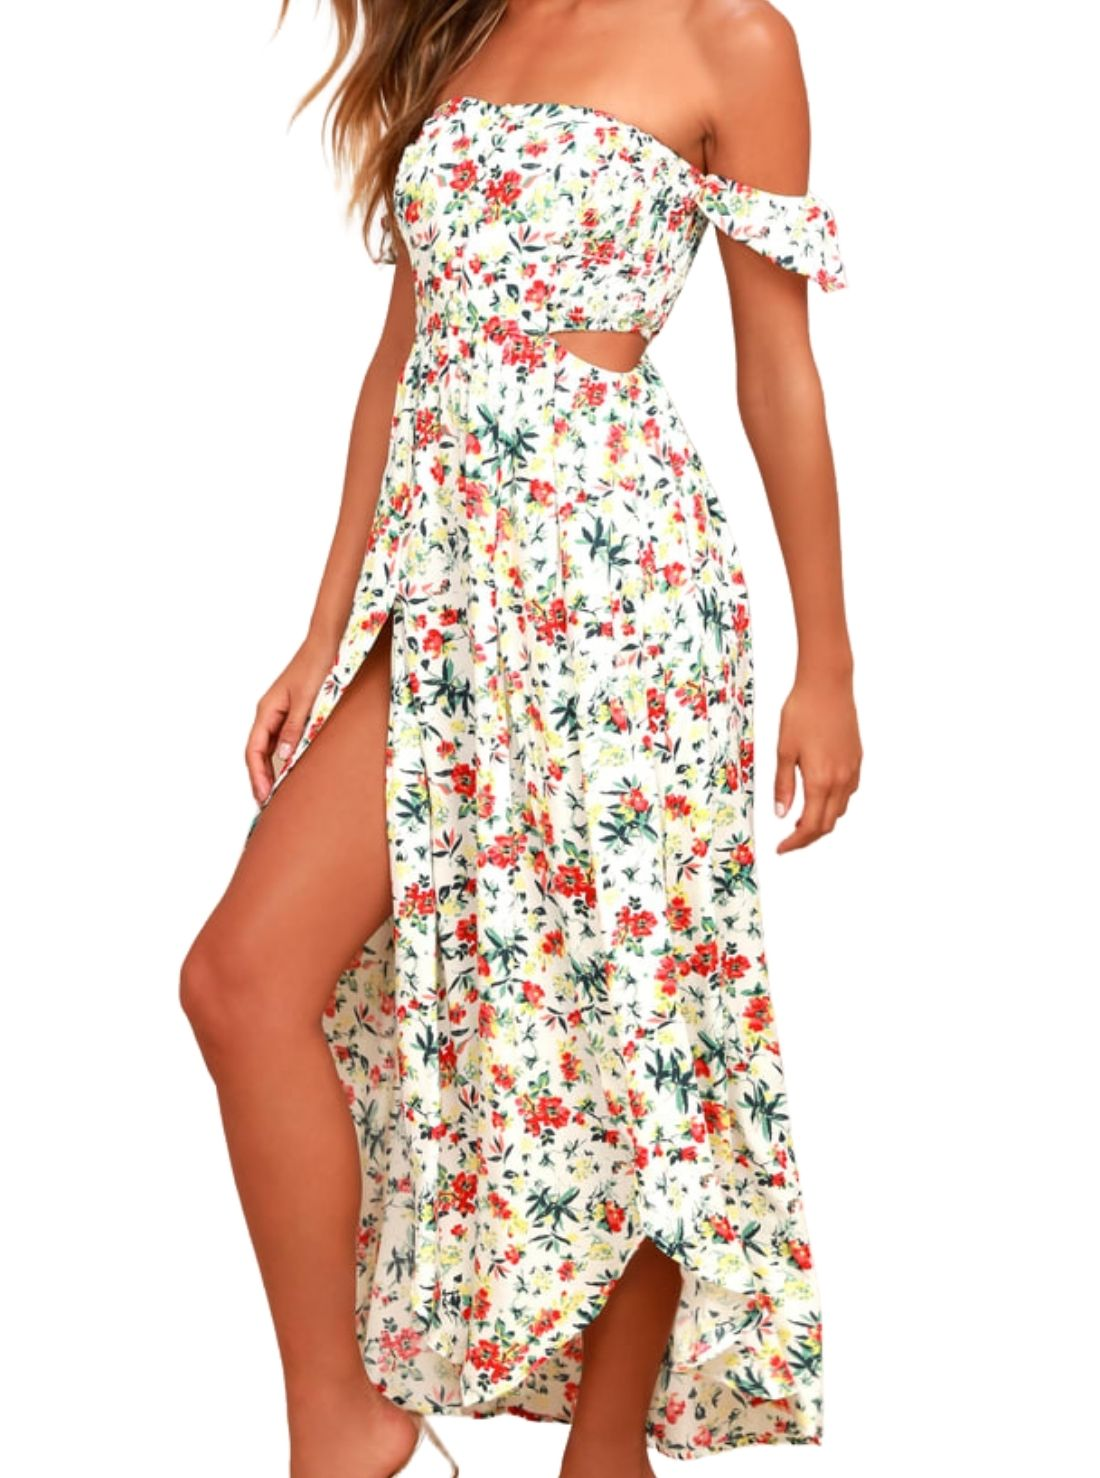 Floral Off-the-Shoulder Summer Maxi Dress